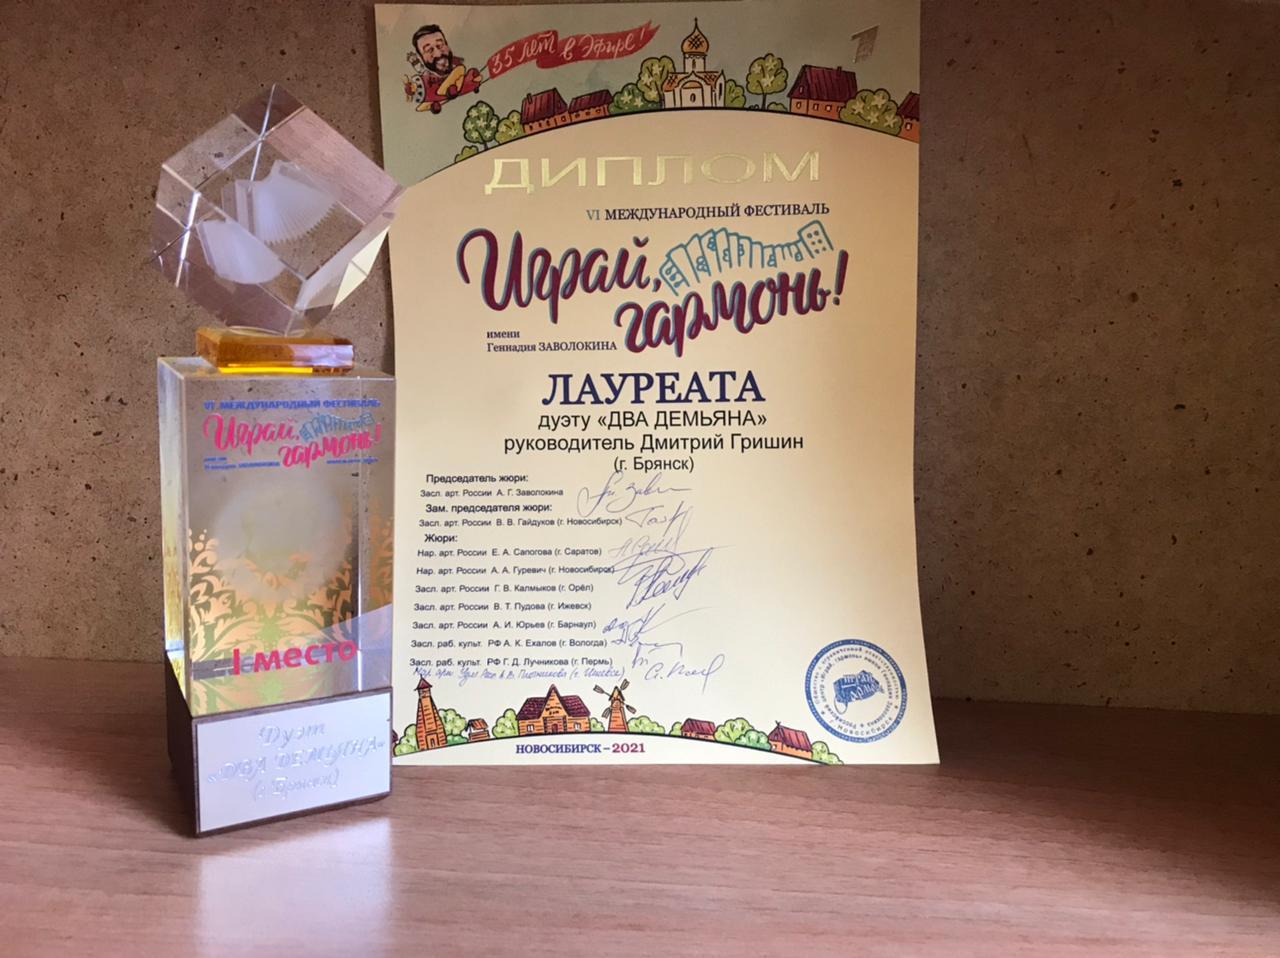 Брянцы заняли первое место на фестивале «Играй, гармонь!»